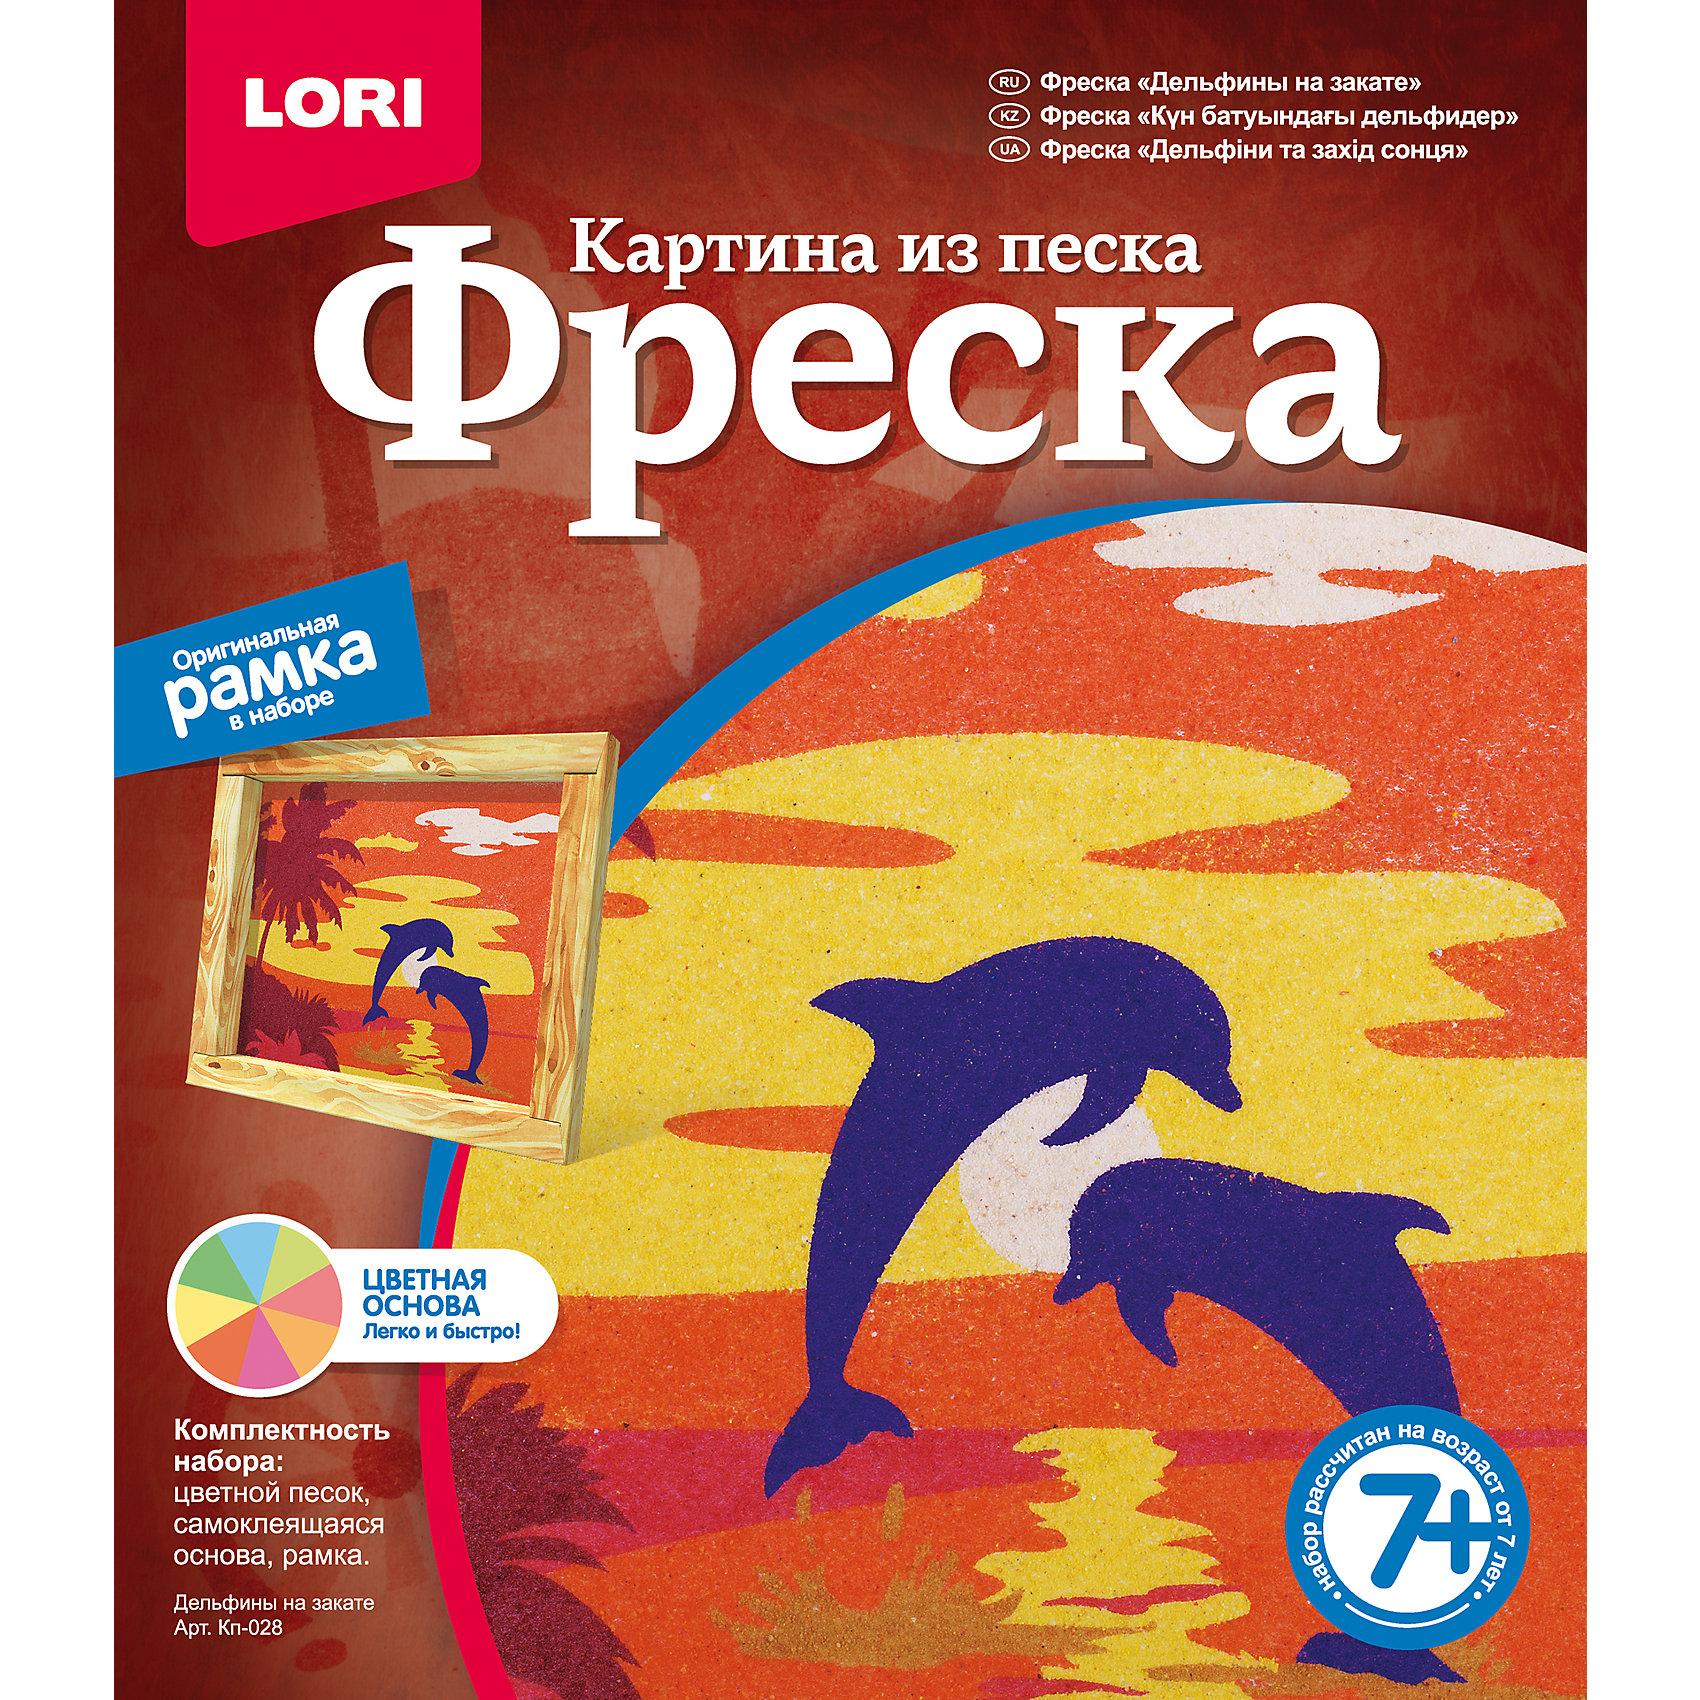 Фреска-картина из песка Дельфины на закатеПесочные картинки<br>Характеристики товара:<br><br>• цвет: разноцветный<br>• материал: песок<br>• размер упаковки: 23х20х4 см<br>• вес: 200 г<br>• комплектация: цветной песок, самоклеящаяся основа, рамка, инструкция на упаковке<br>• возраст: от семи лет<br>• упаковка: картонная коробка<br>• страна бренда: РФ<br>• страна изготовитель: РФ<br><br>Этот набор для творчества станет отличным подарком ребенку - ведь с помощью него можно получить красивое изображение из песка! В набор входит цветной песок, самоклеящаяся основа, рамка и инструкция на упаковке. Чтобы получить картинку, нужно нанести песок на основу с разметкой. В итоге получается украшение для интерьера или подарок родным.<br>Детям очень нравится что-то делать своими руками! Кроме того, творчество помогает детям развивать важные навыки и способности, оно активизирует мышление, формирует усидчивость, творческие способности, мелкую моторику и воображение. Изделие производится из качественных и проверенных материалов, которые безопасны для детей.<br><br>Фреску-картину из песка Дельфины на закате от бренда LORI можно купить в нашем интернет-магазине.<br><br>Ширина мм: 230<br>Глубина мм: 200<br>Высота мм: 40<br>Вес г: 210<br>Возраст от месяцев: 84<br>Возраст до месяцев: 120<br>Пол: Унисекс<br>Возраст: Детский<br>SKU: 5154870